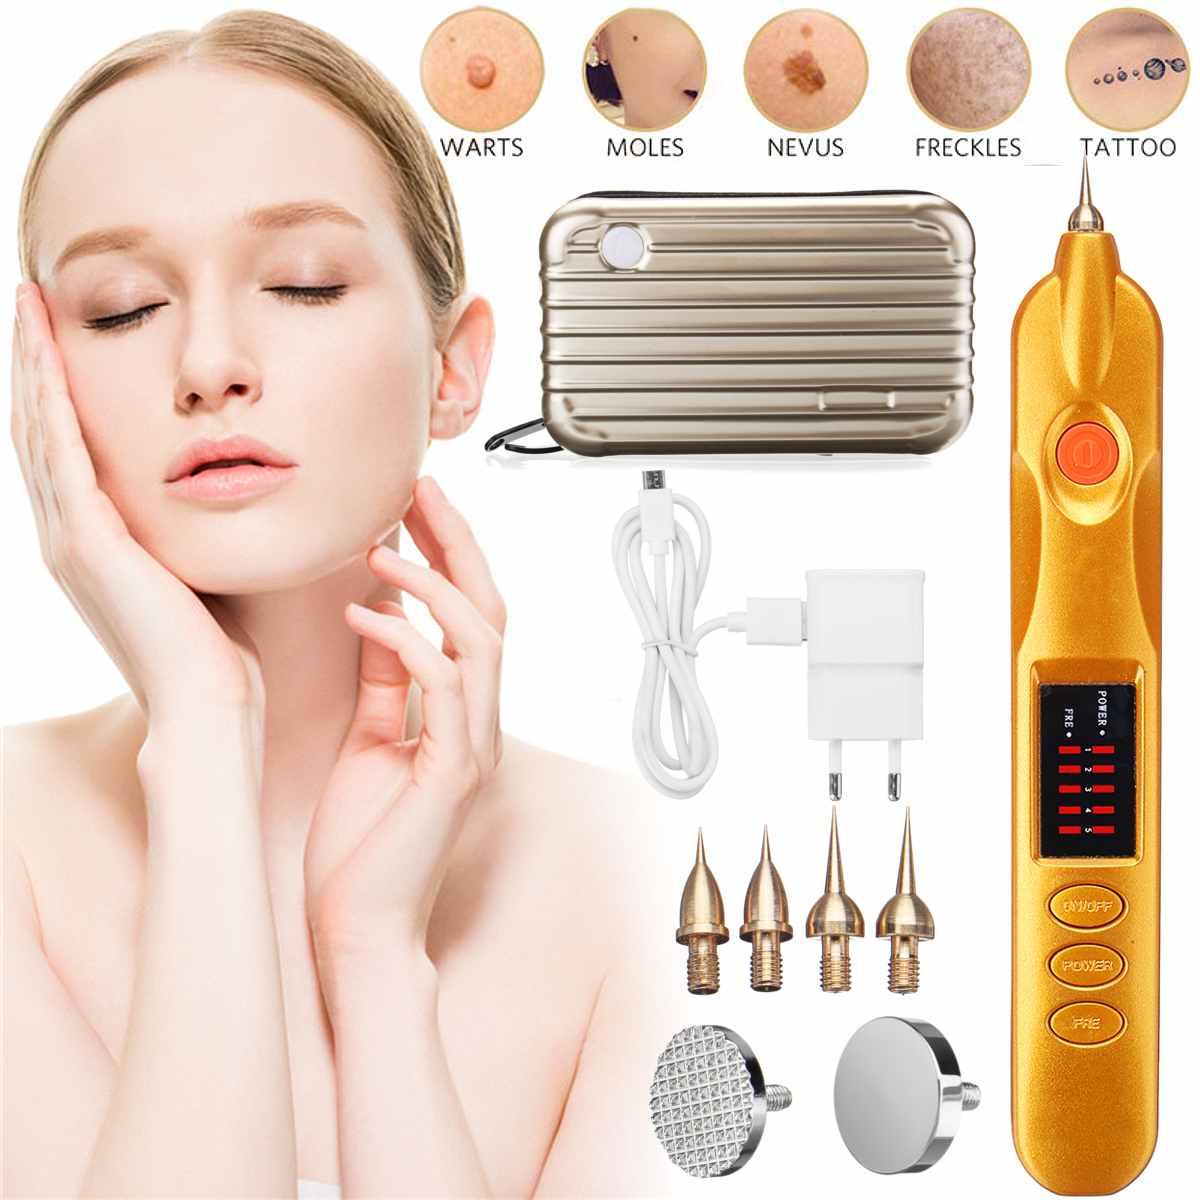 Laser Micro Plasma stylo paupières ascenseur taches de rousseur acné étiquette de peau dissolvant de tache foncée pour Machine de retrait de tatouage de visage picoseconde thérapie